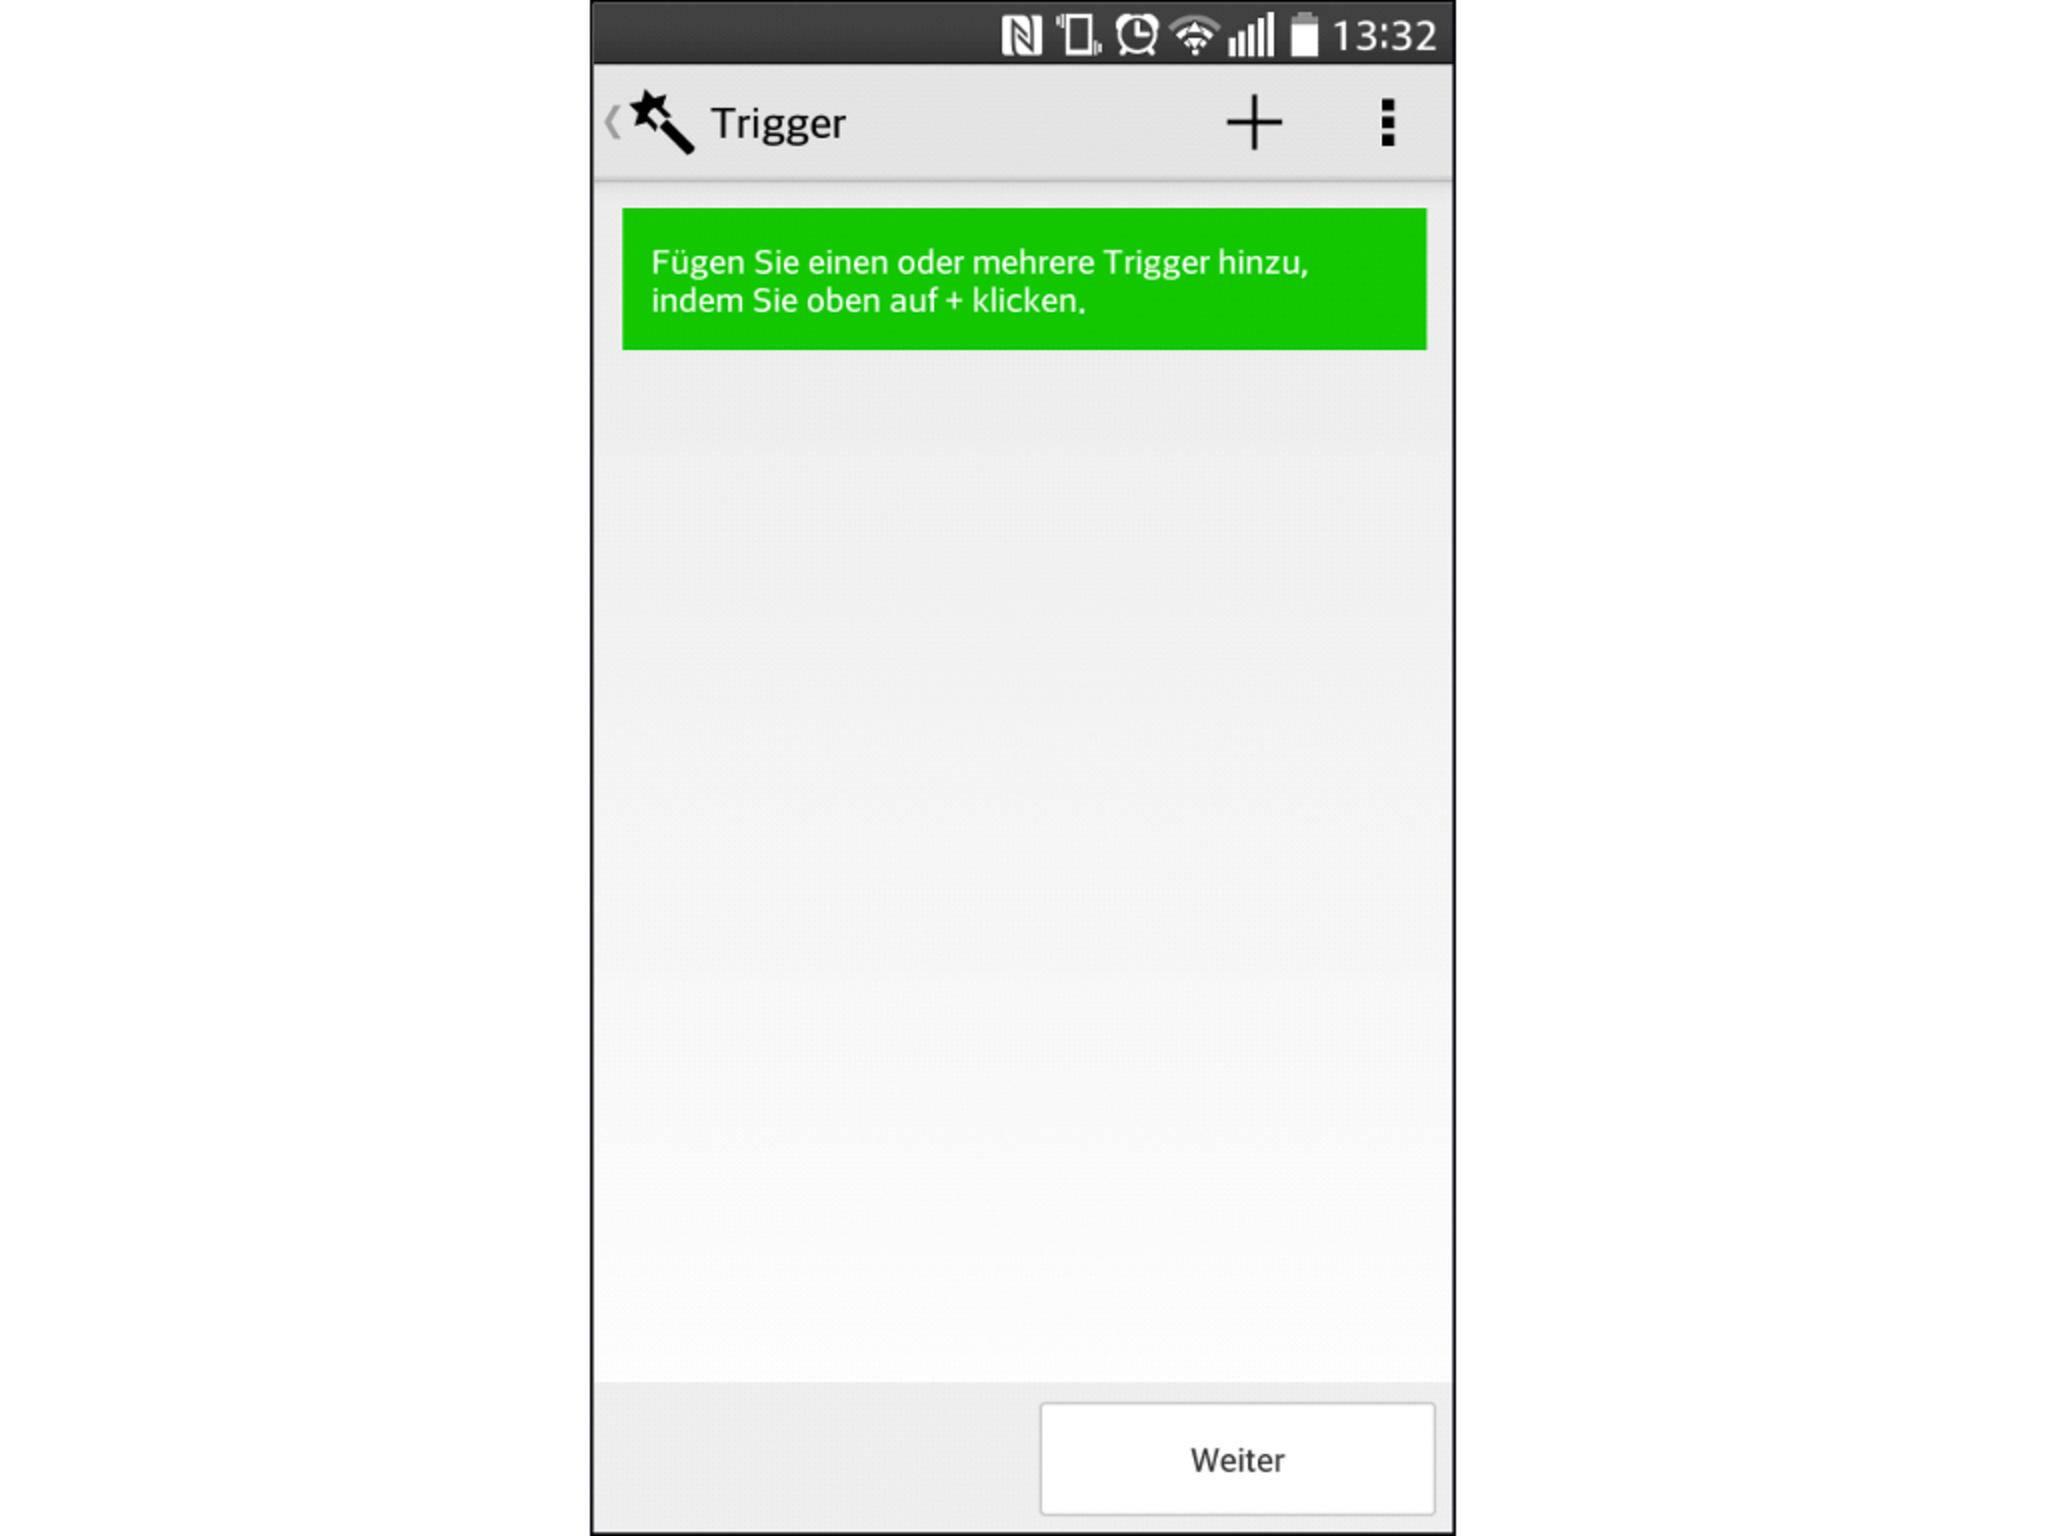 Trigger01